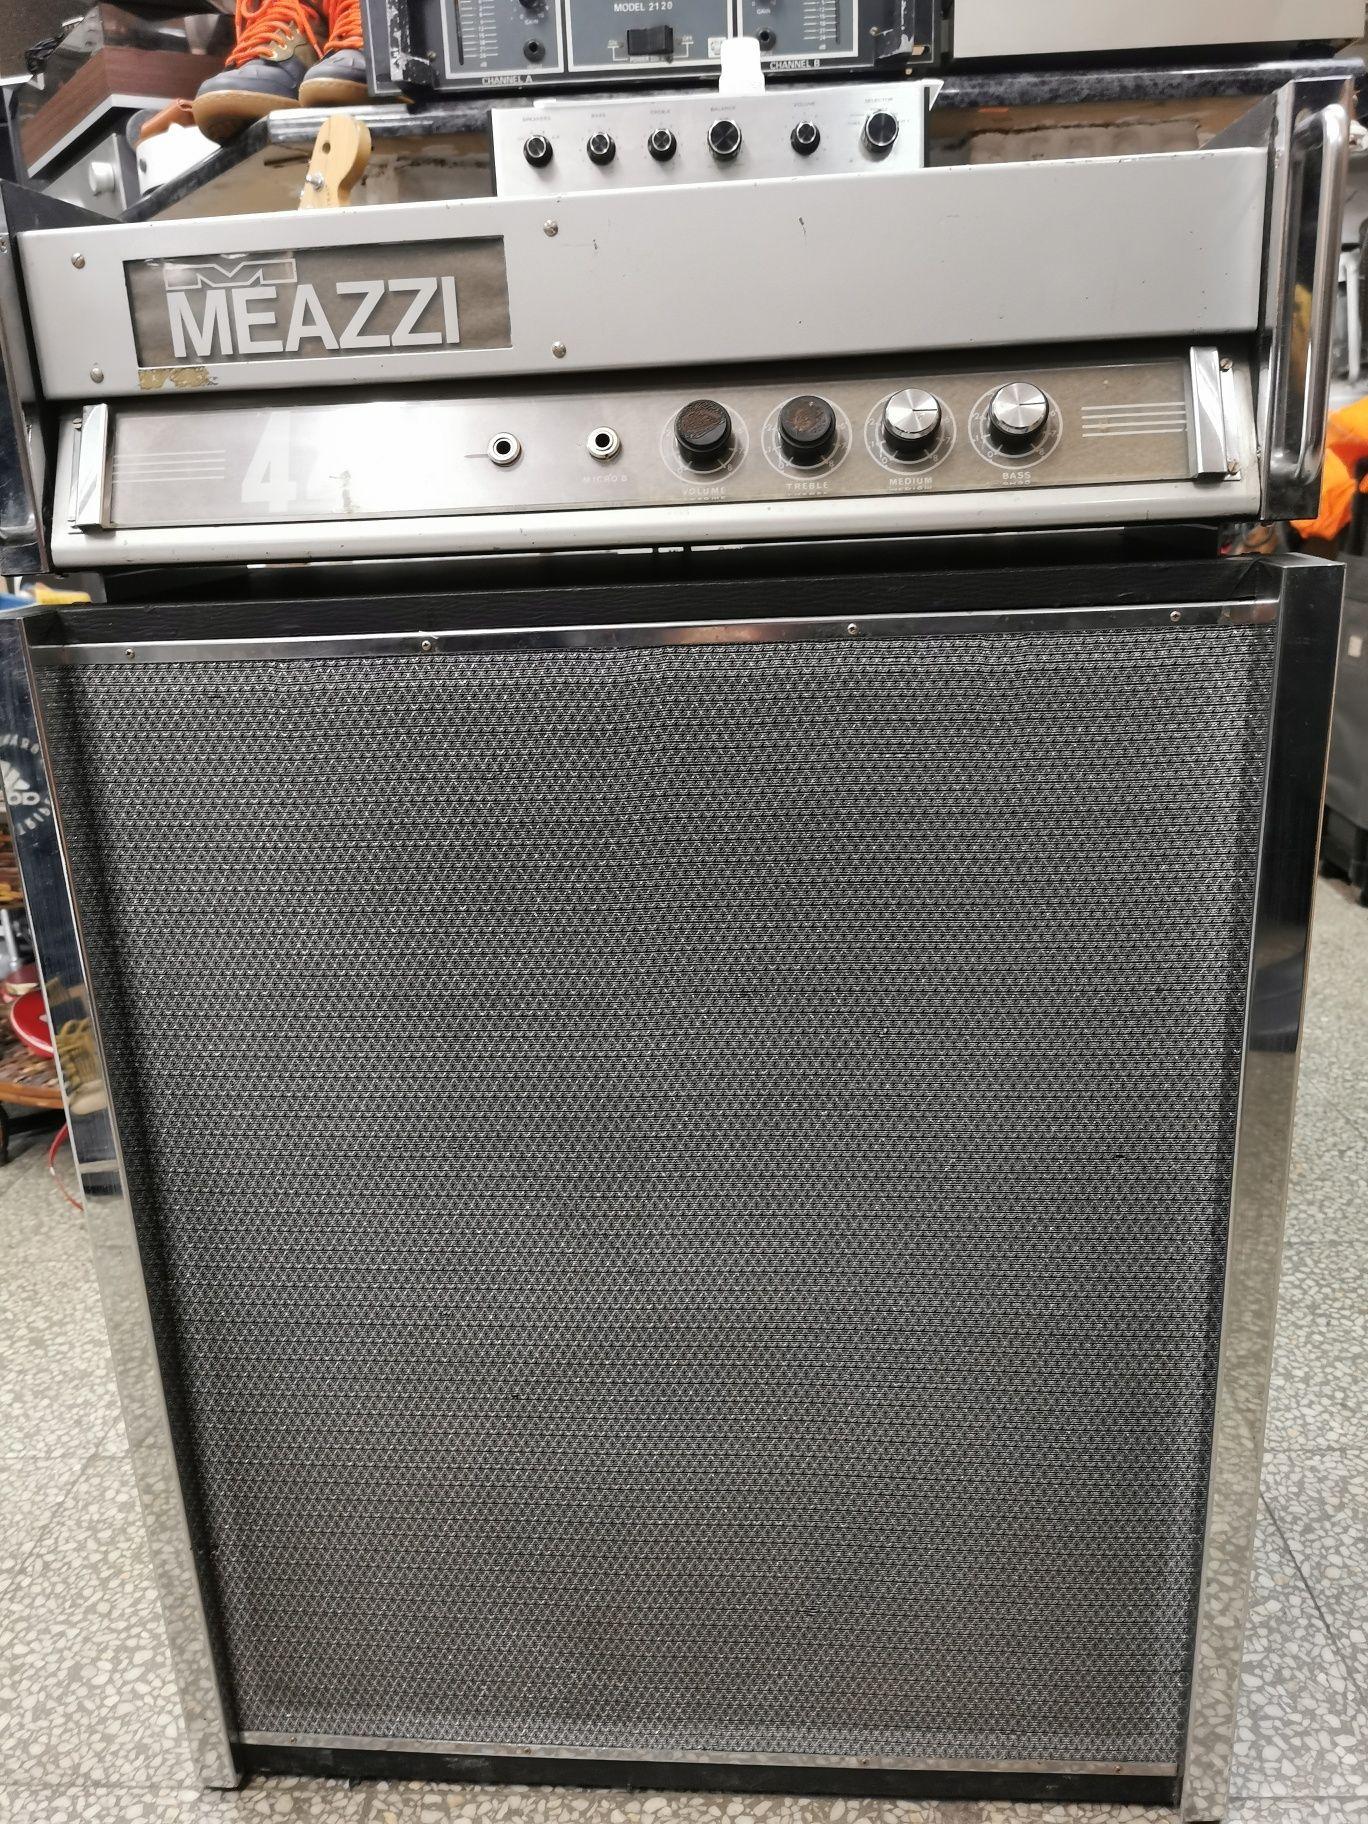 Кубе-миксер, усилвател,колона за китара,клавир Meazzi 444